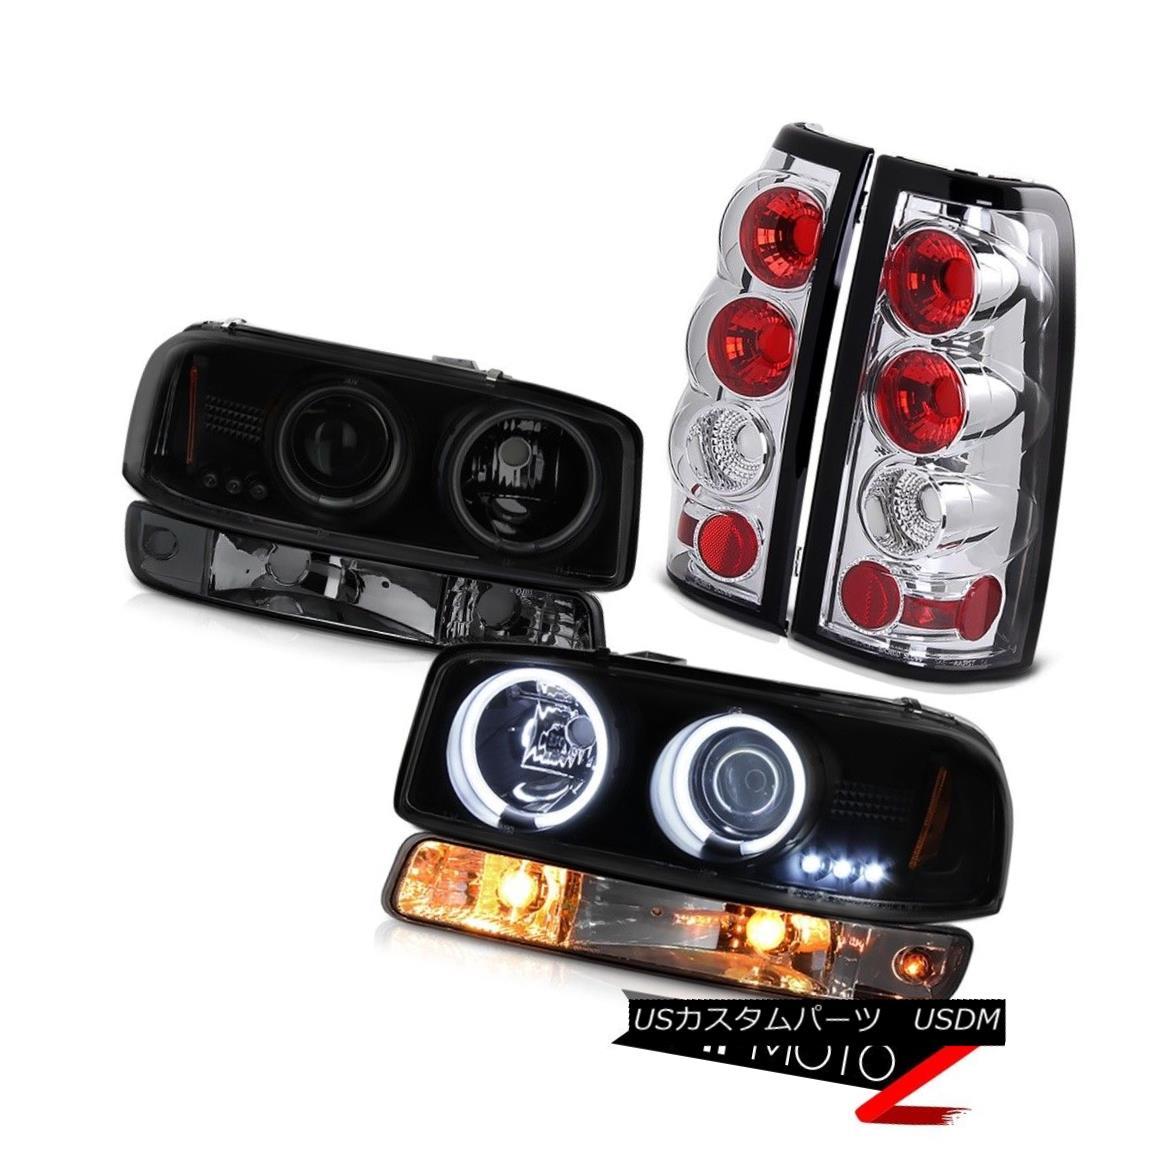 テールライト 99-02 Sierra C3 Chrome taillamps smokey bumper lamp dark tinted ccfl headlamps 99-02シエラC3クロームテールランプスモーバンパーランプダークティントccflヘッドランプ